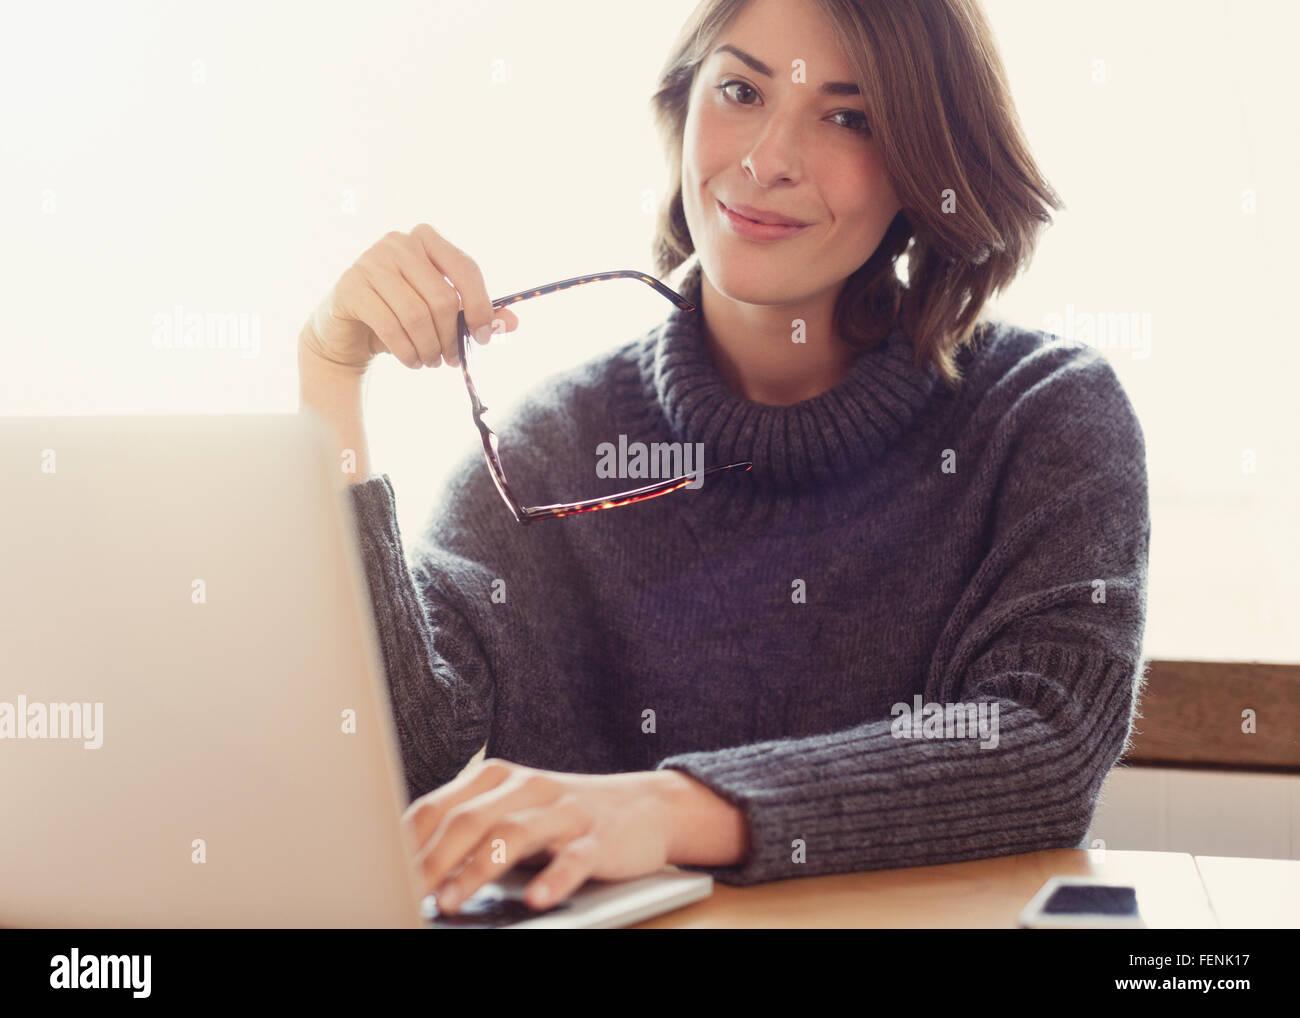 Porträt zuversichtlich Brünette Frau mit Brille mit laptop Stockbild